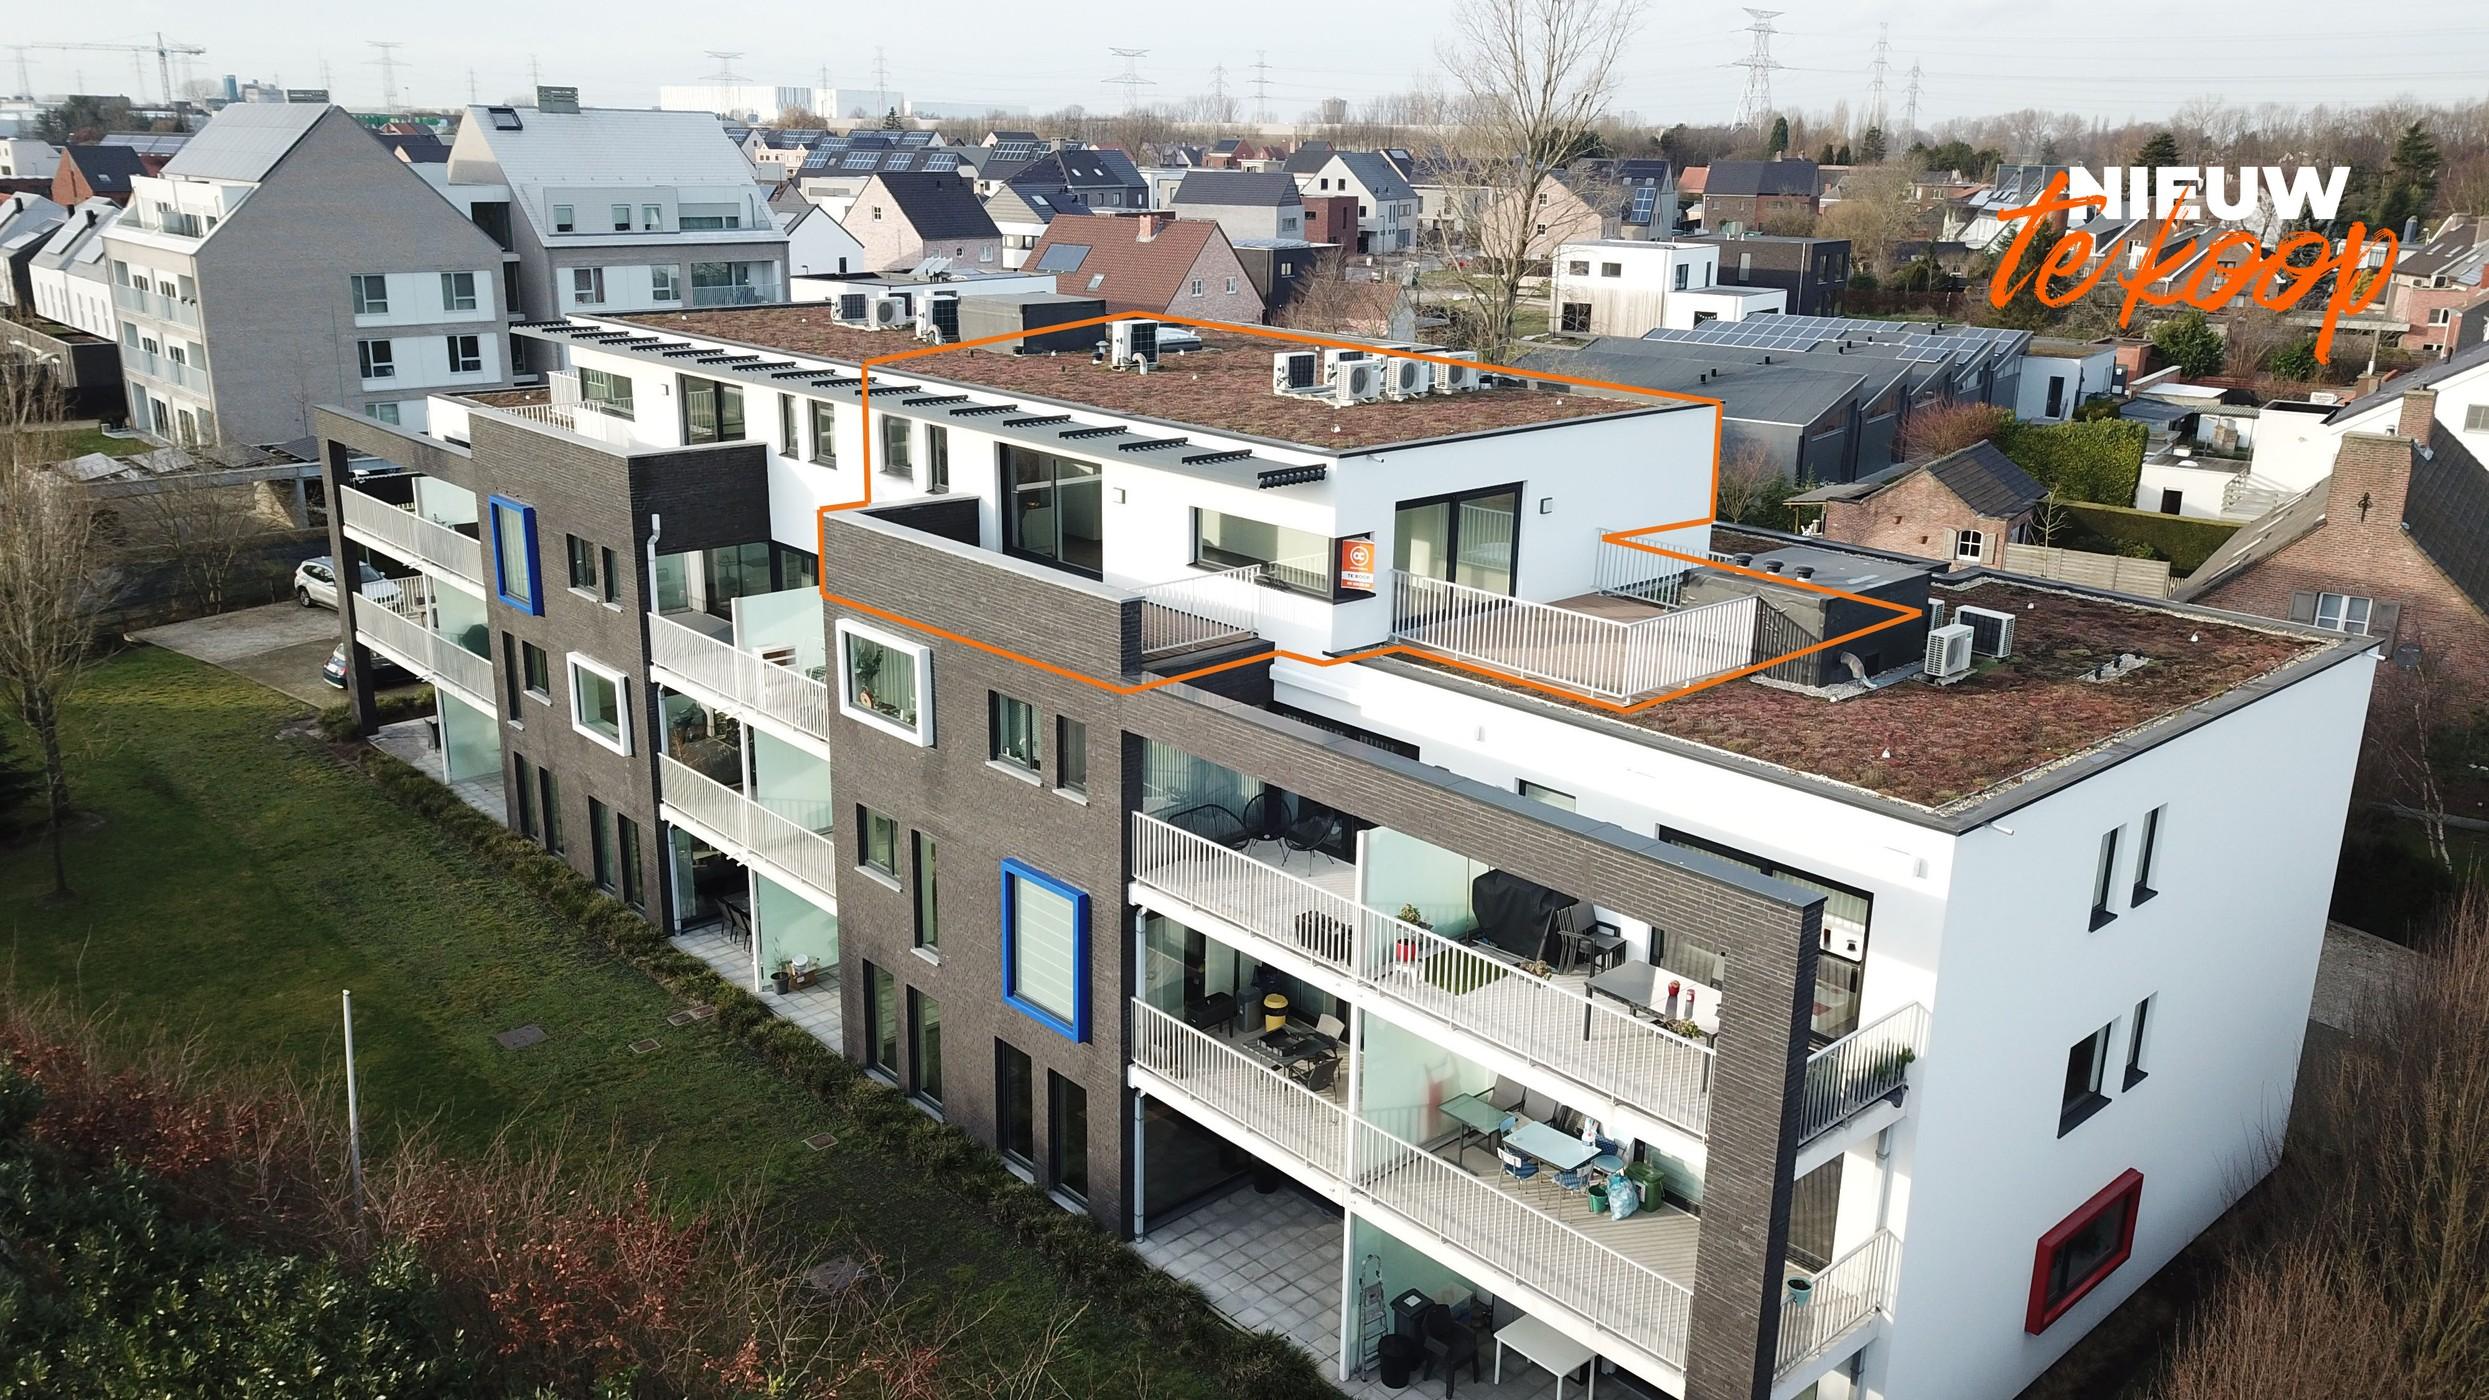 Prachtig nieuwbouw appartement met 3 slaapkamers op uitstekende locatie